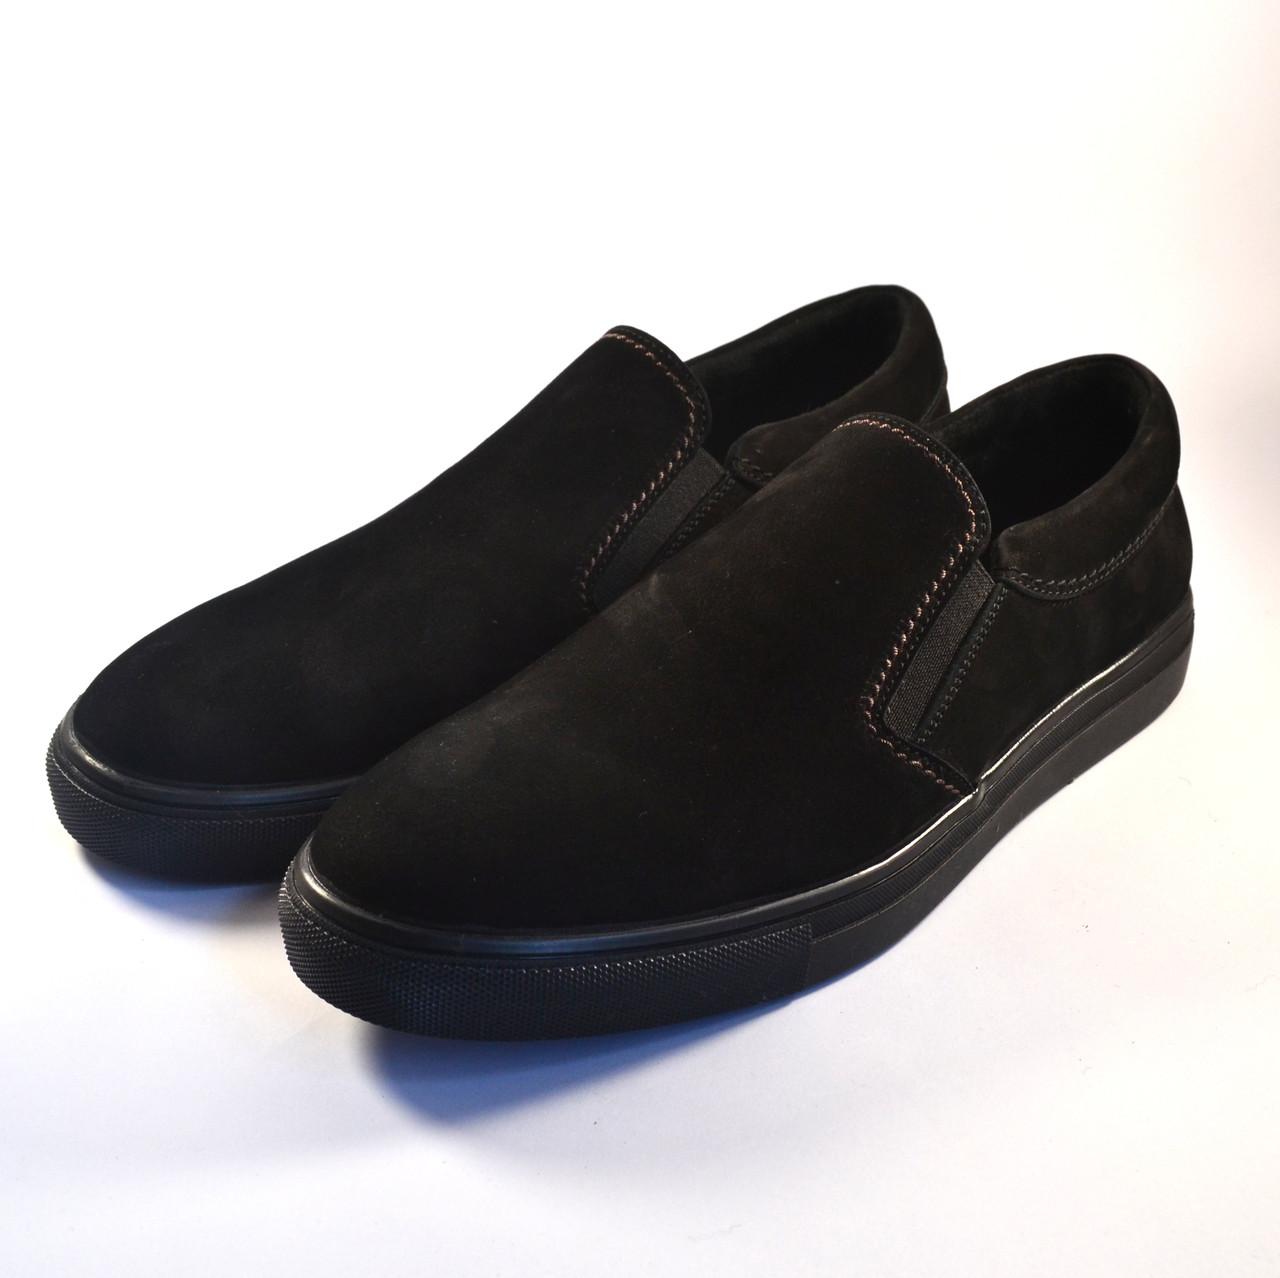 Слипоны мужские повседневные нубуковые черные обувь весенняя на резинках Rosso Avangard Black Nub Slipy